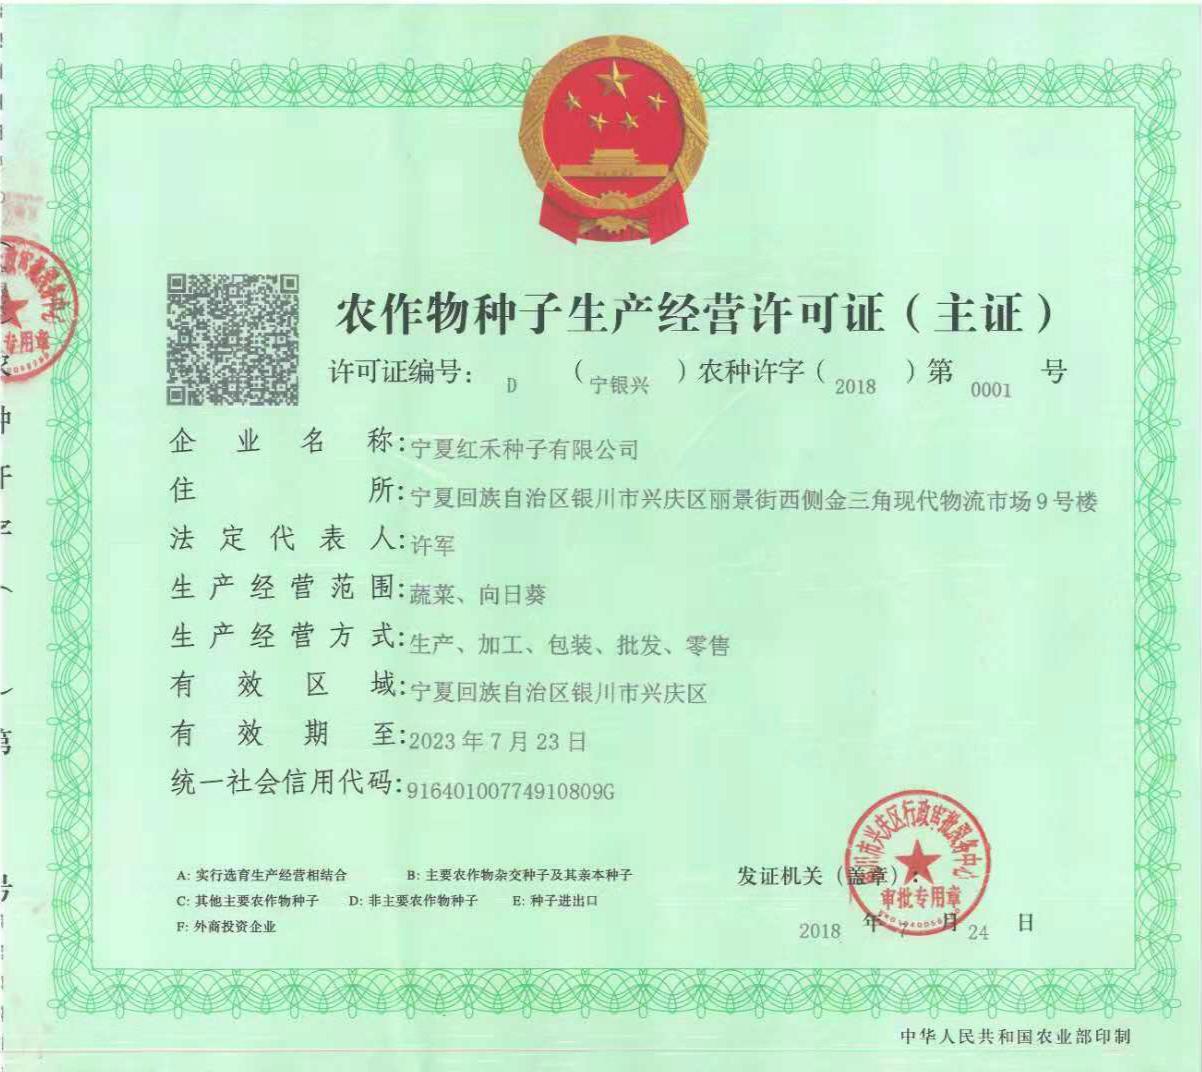 农作物种子生产经营许可证蔬菜、向日葵